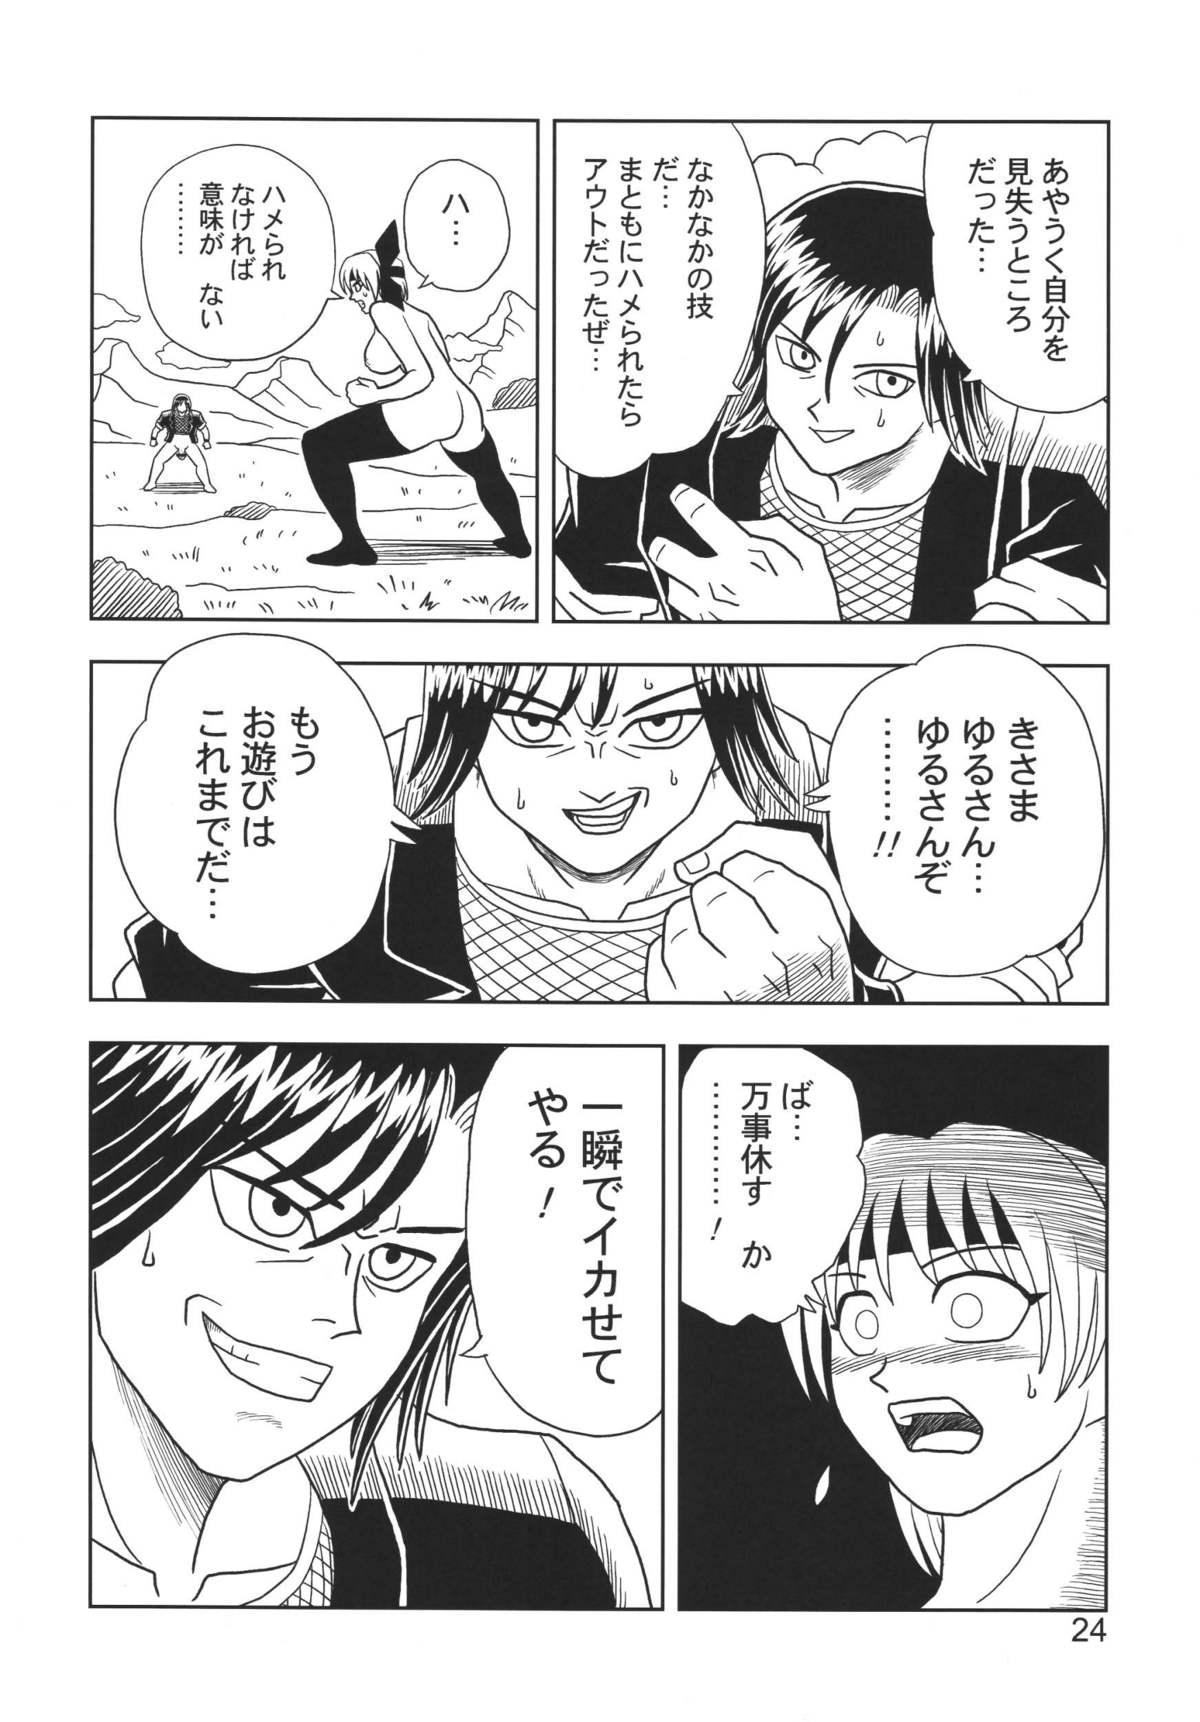 Kasumi or Ayane 23